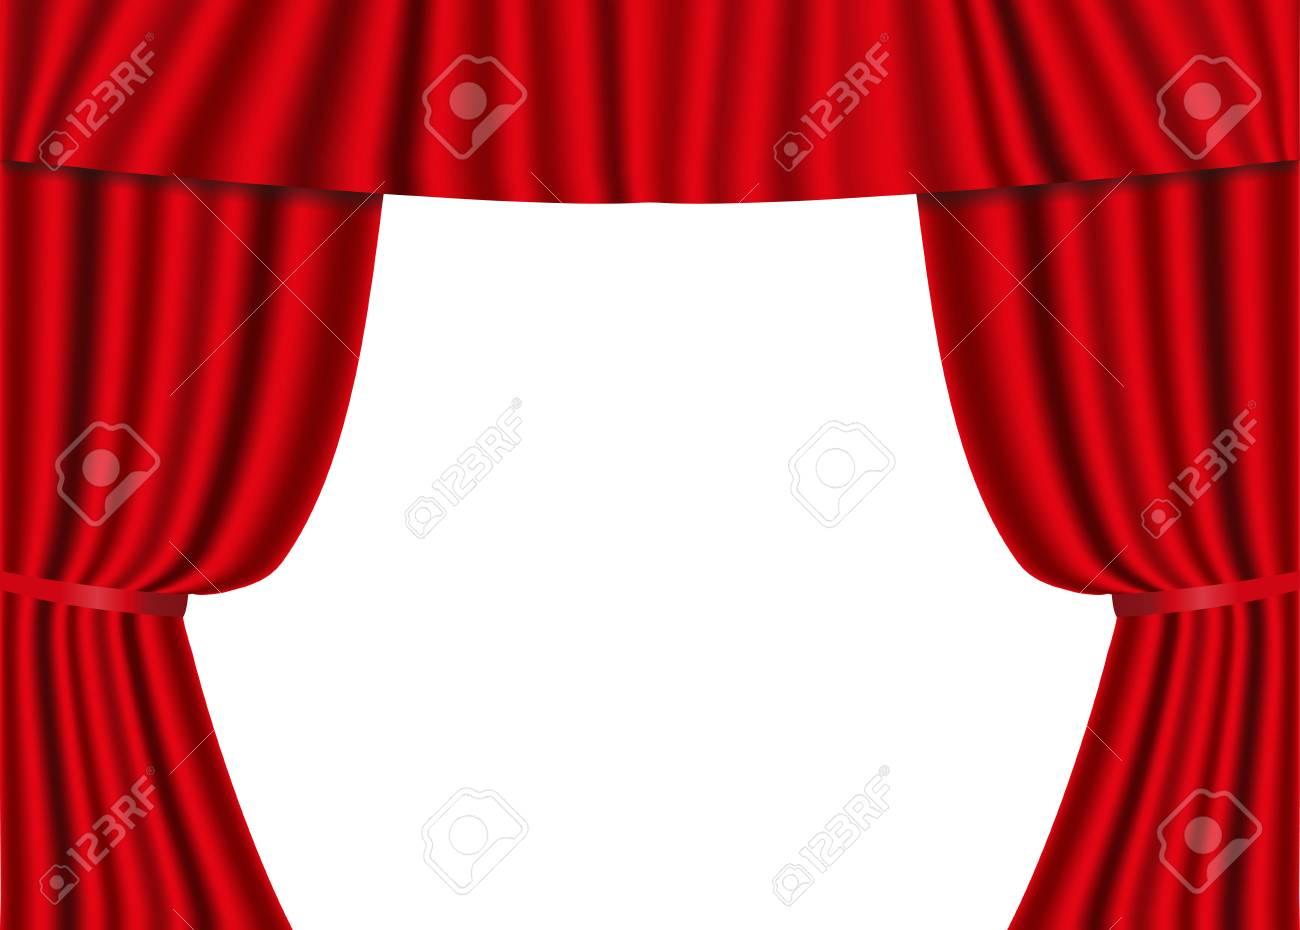 Tende In Velluto Di Seta tende aperte rosse isolate su una priorità bassa bianca. lusso rosso  scarlatto di seta, velluto. illustrazione vettoriale